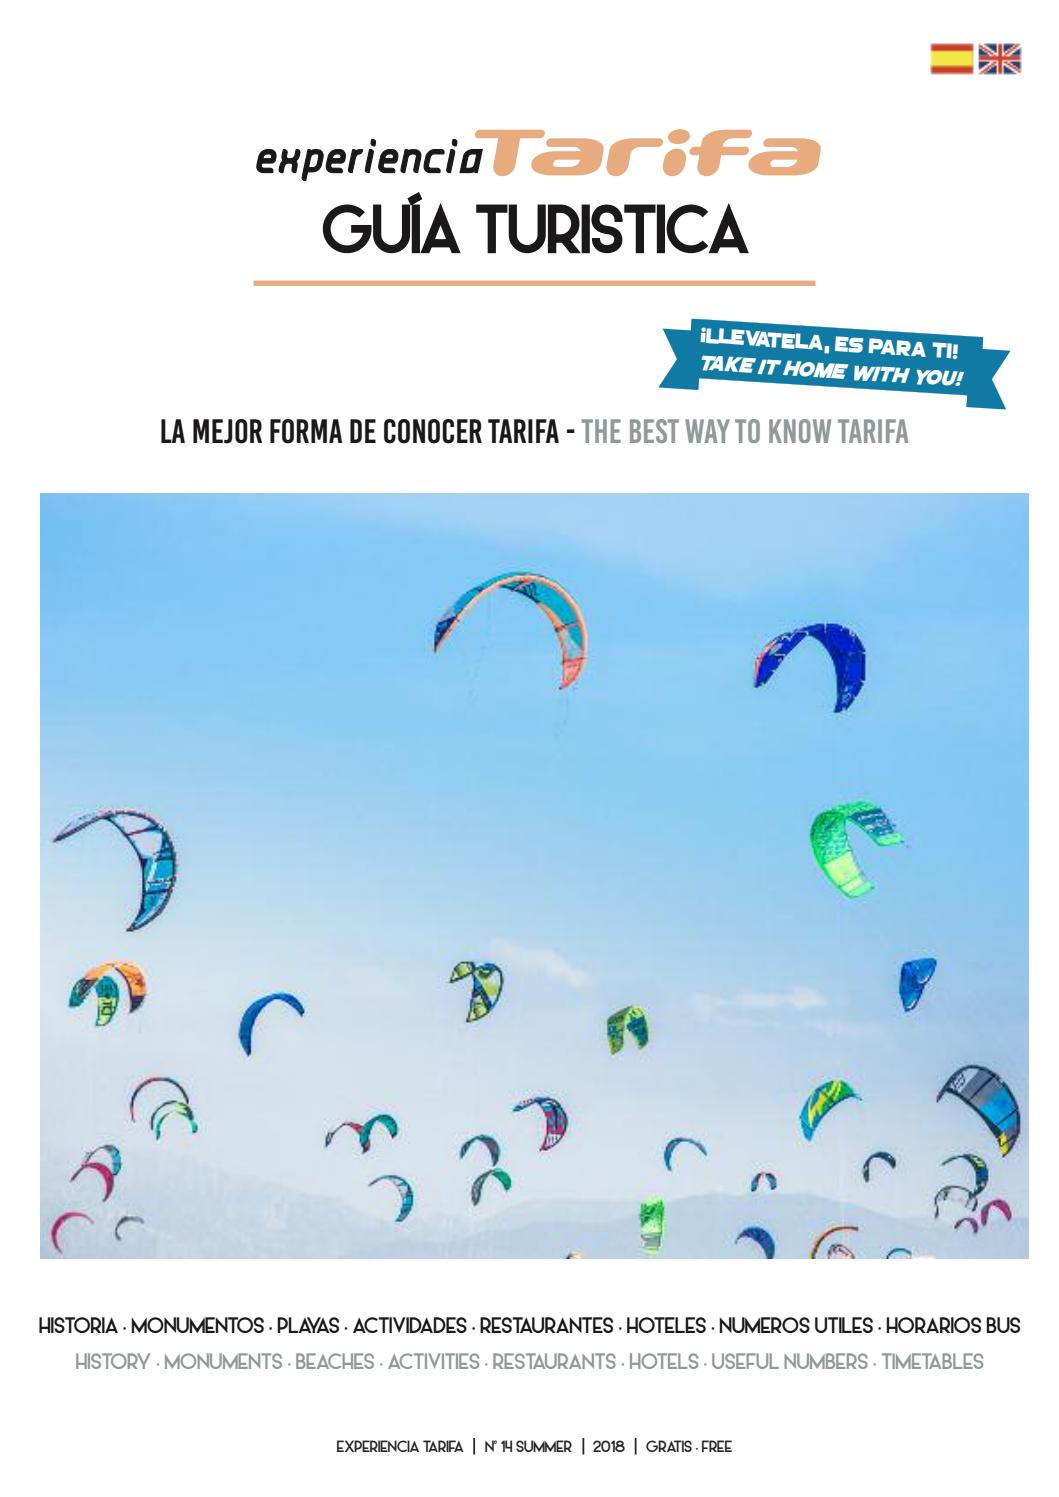 Guia turistica Experiencia Tarifa 2018 by valentina bianchi - issuu